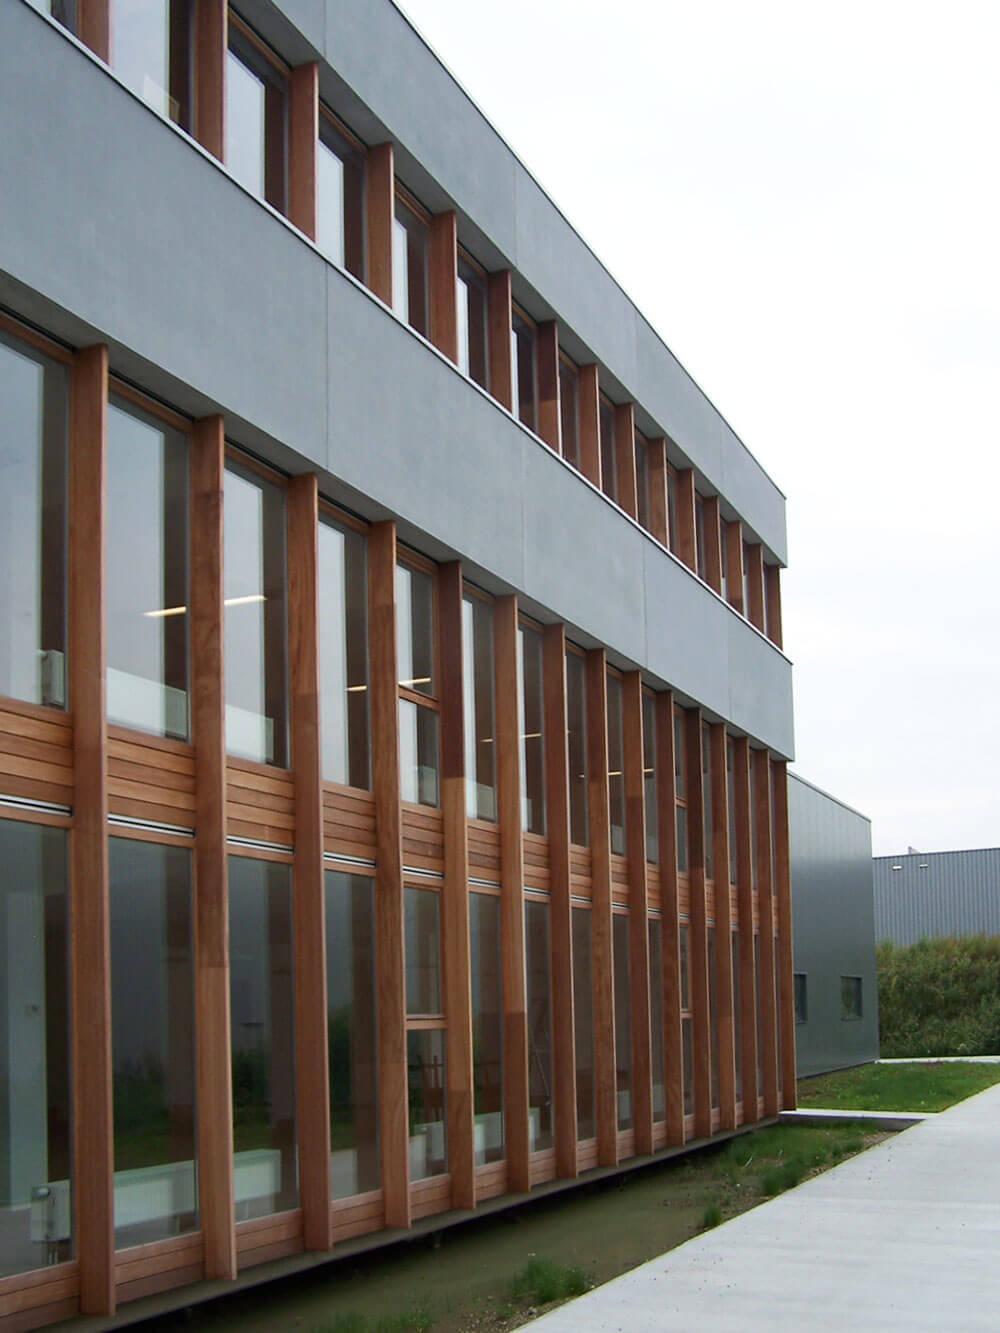 De gevel, bestaande uit de houten balkstructuur en raamvlakken.